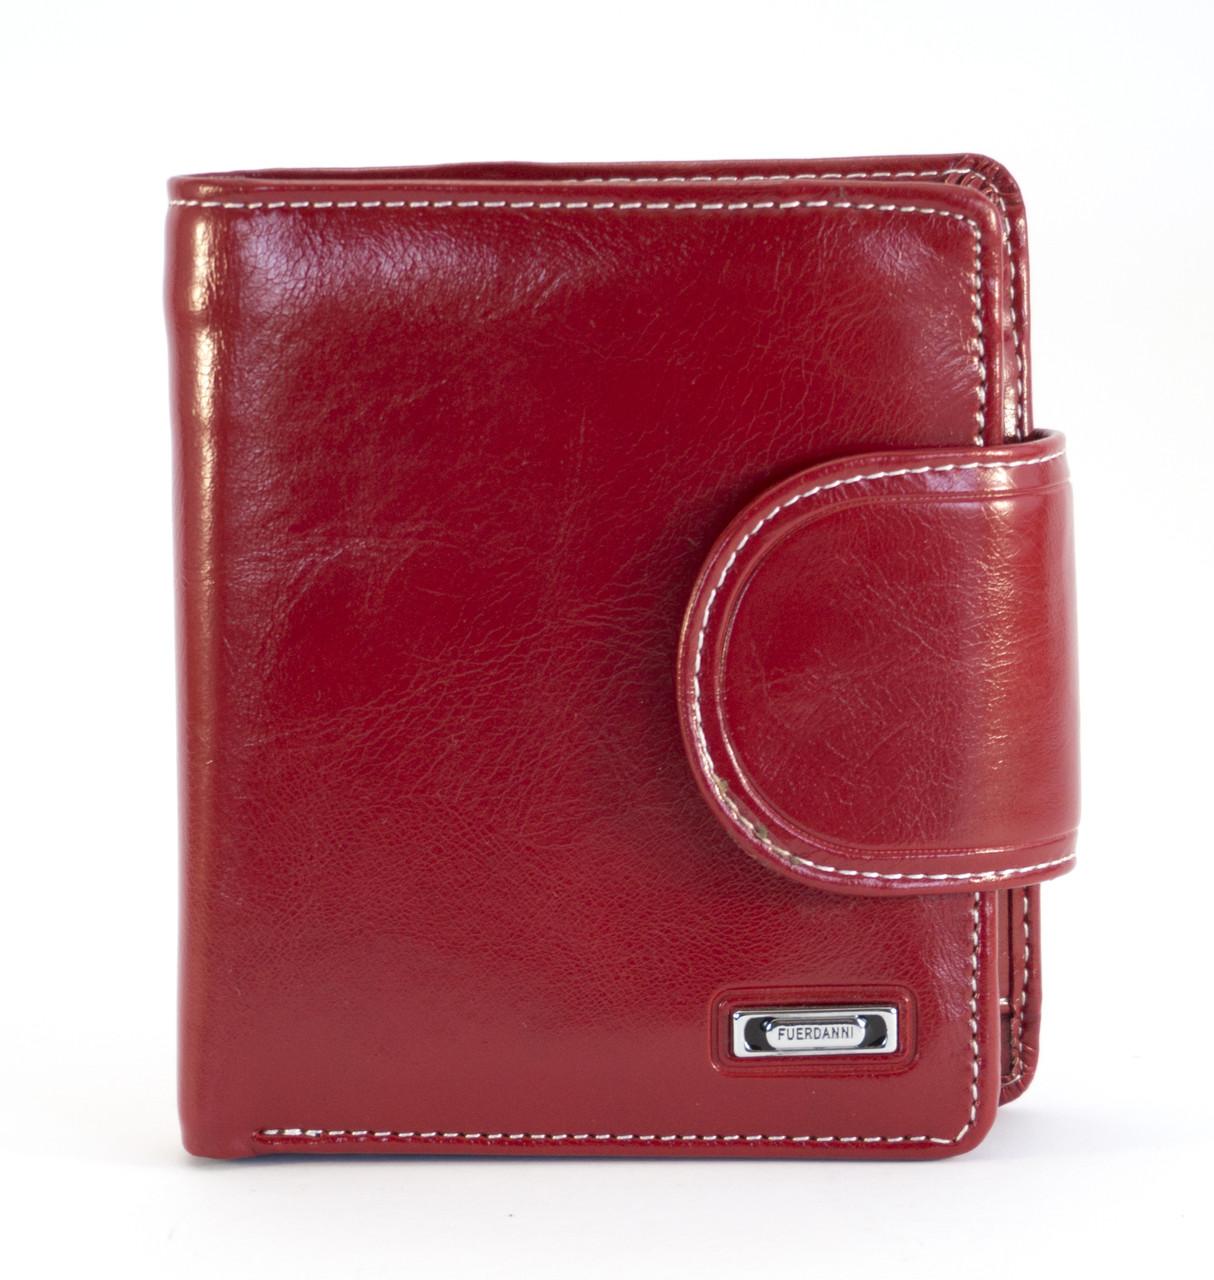 Красный горизонтальный стильный женский кошелек на кнопке FUERDANNI art. 4479